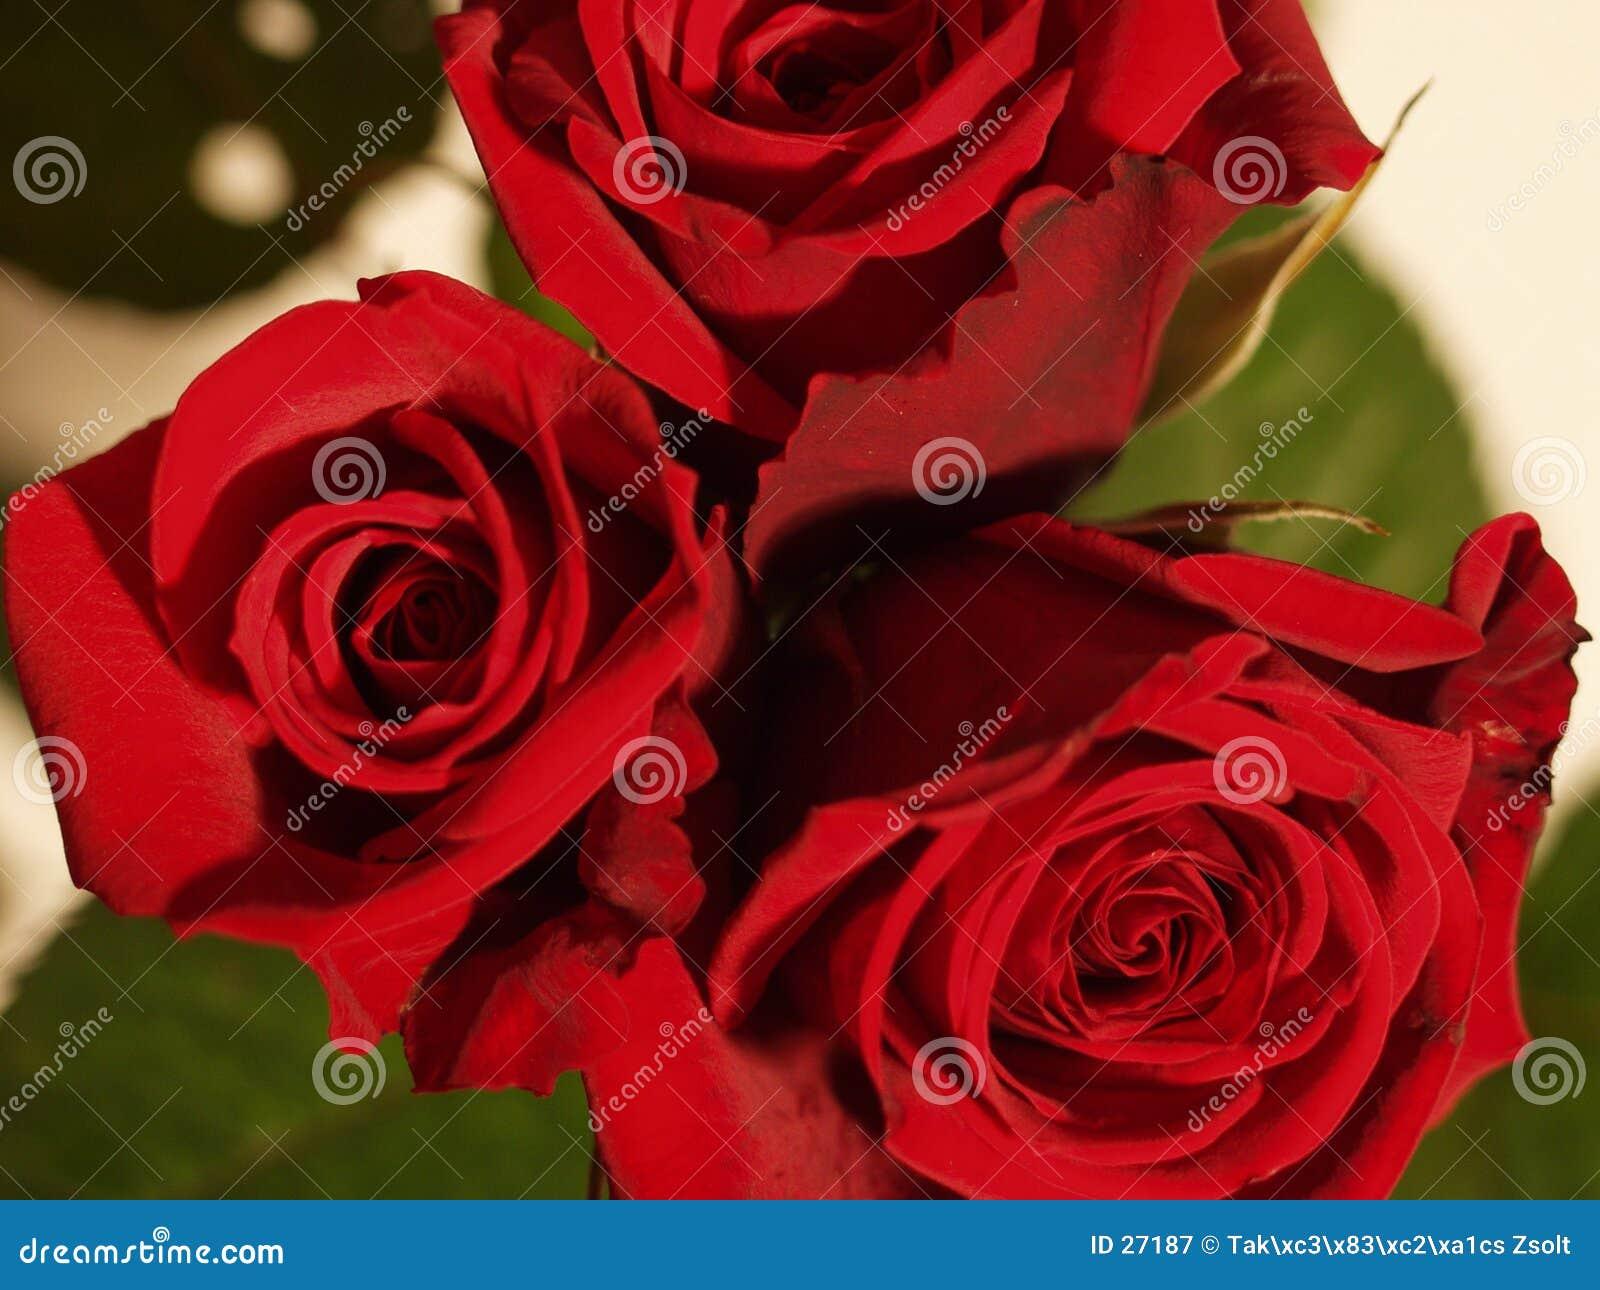 Download Rosas rojas imagen de archivo. Imagen de colores, rose, jardín - 27187